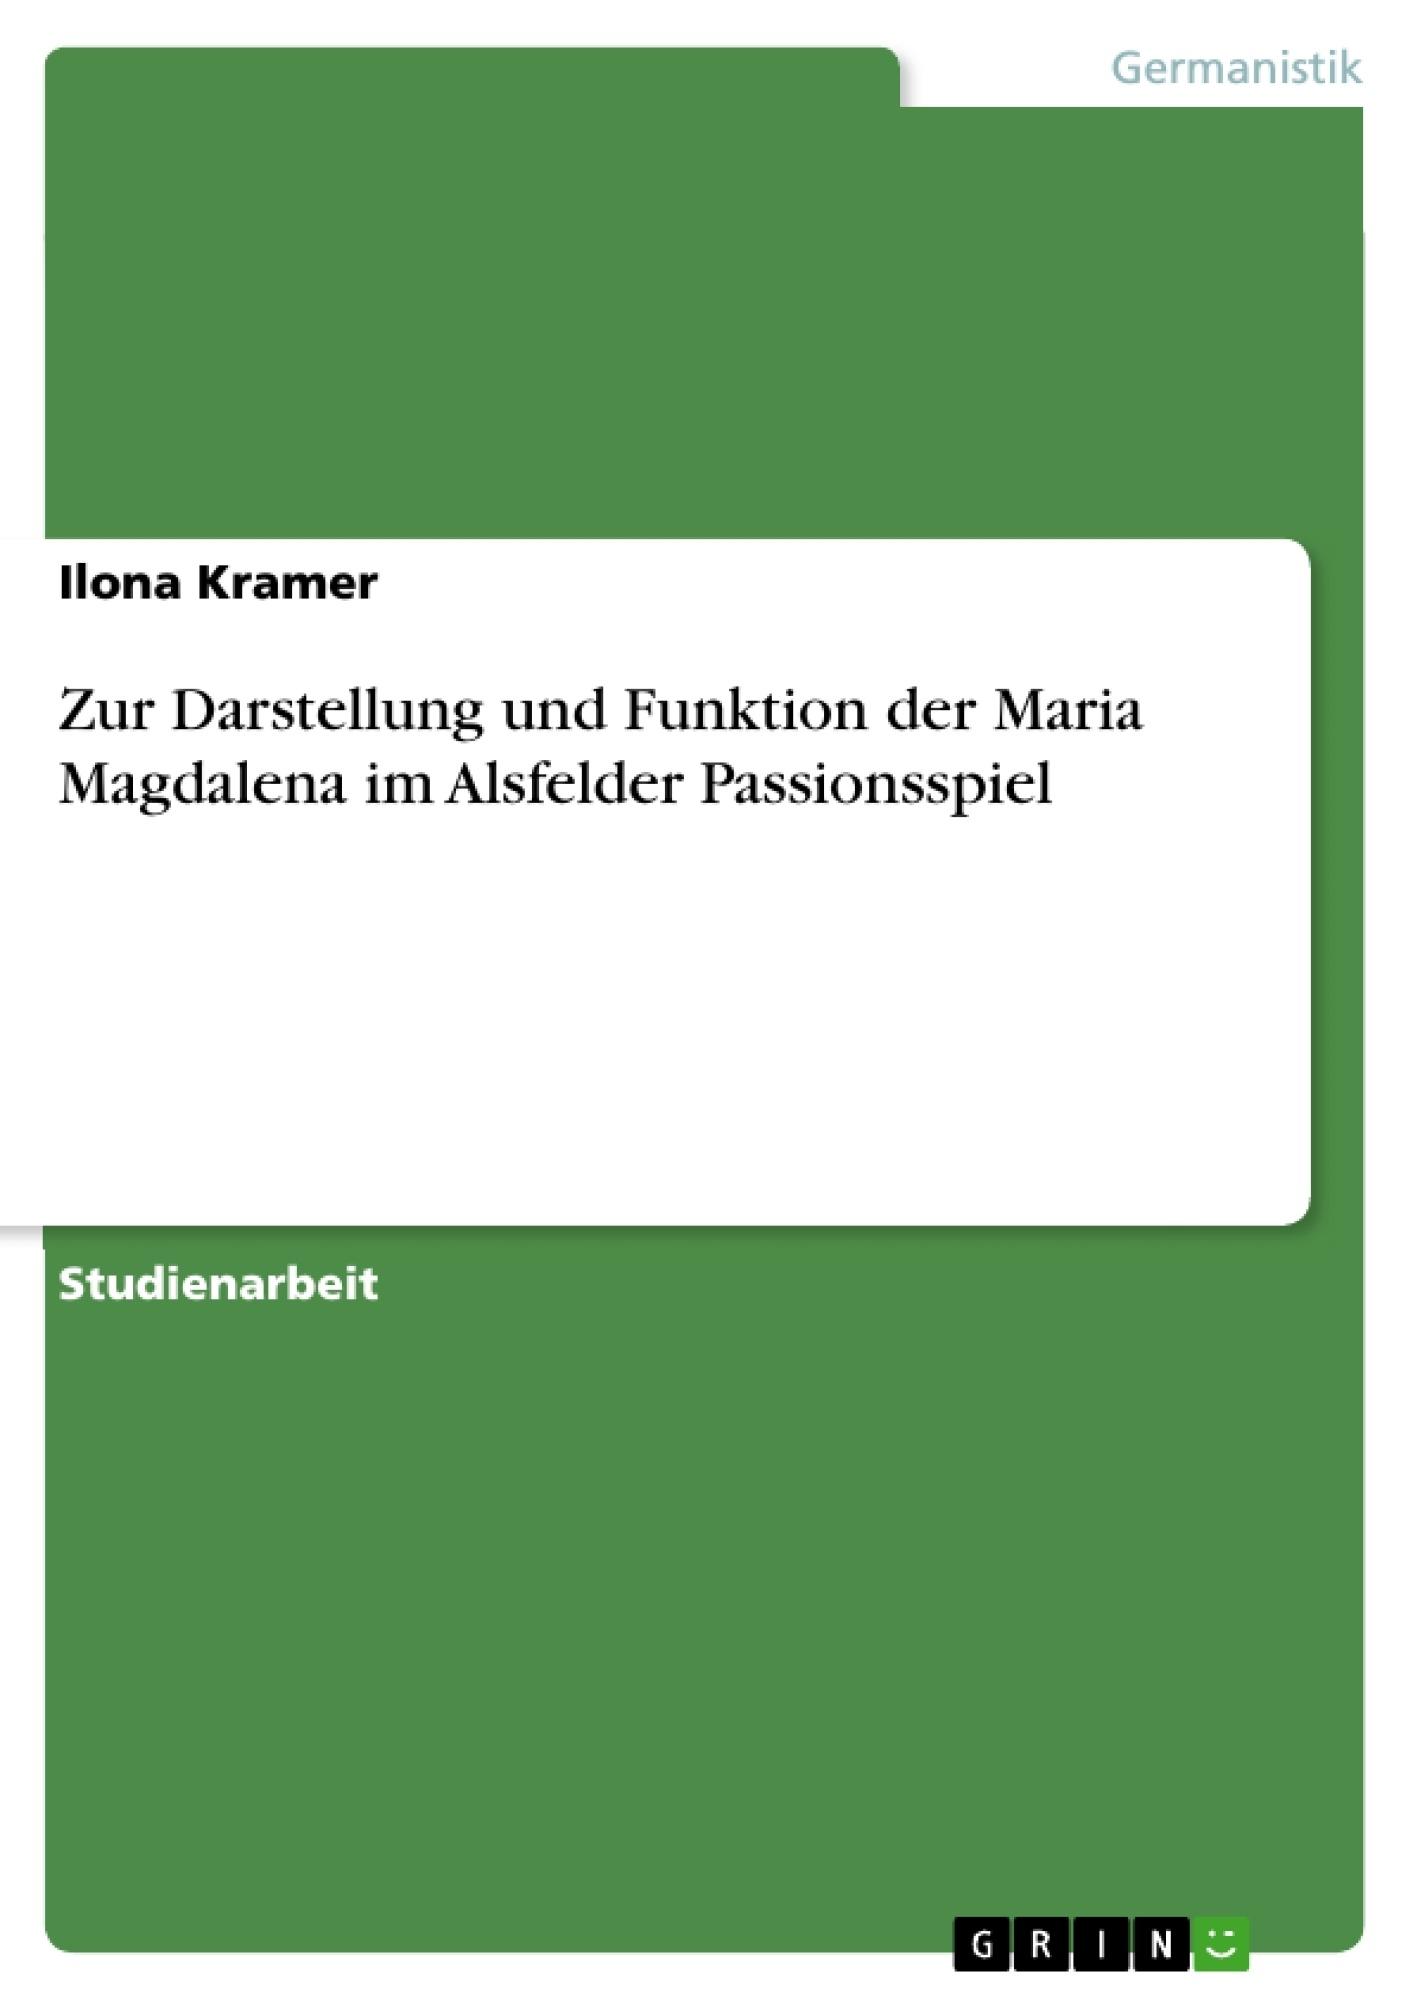 Titel: Zur Darstellung und Funktion der Maria Magdalena im Alsfelder Passionsspiel